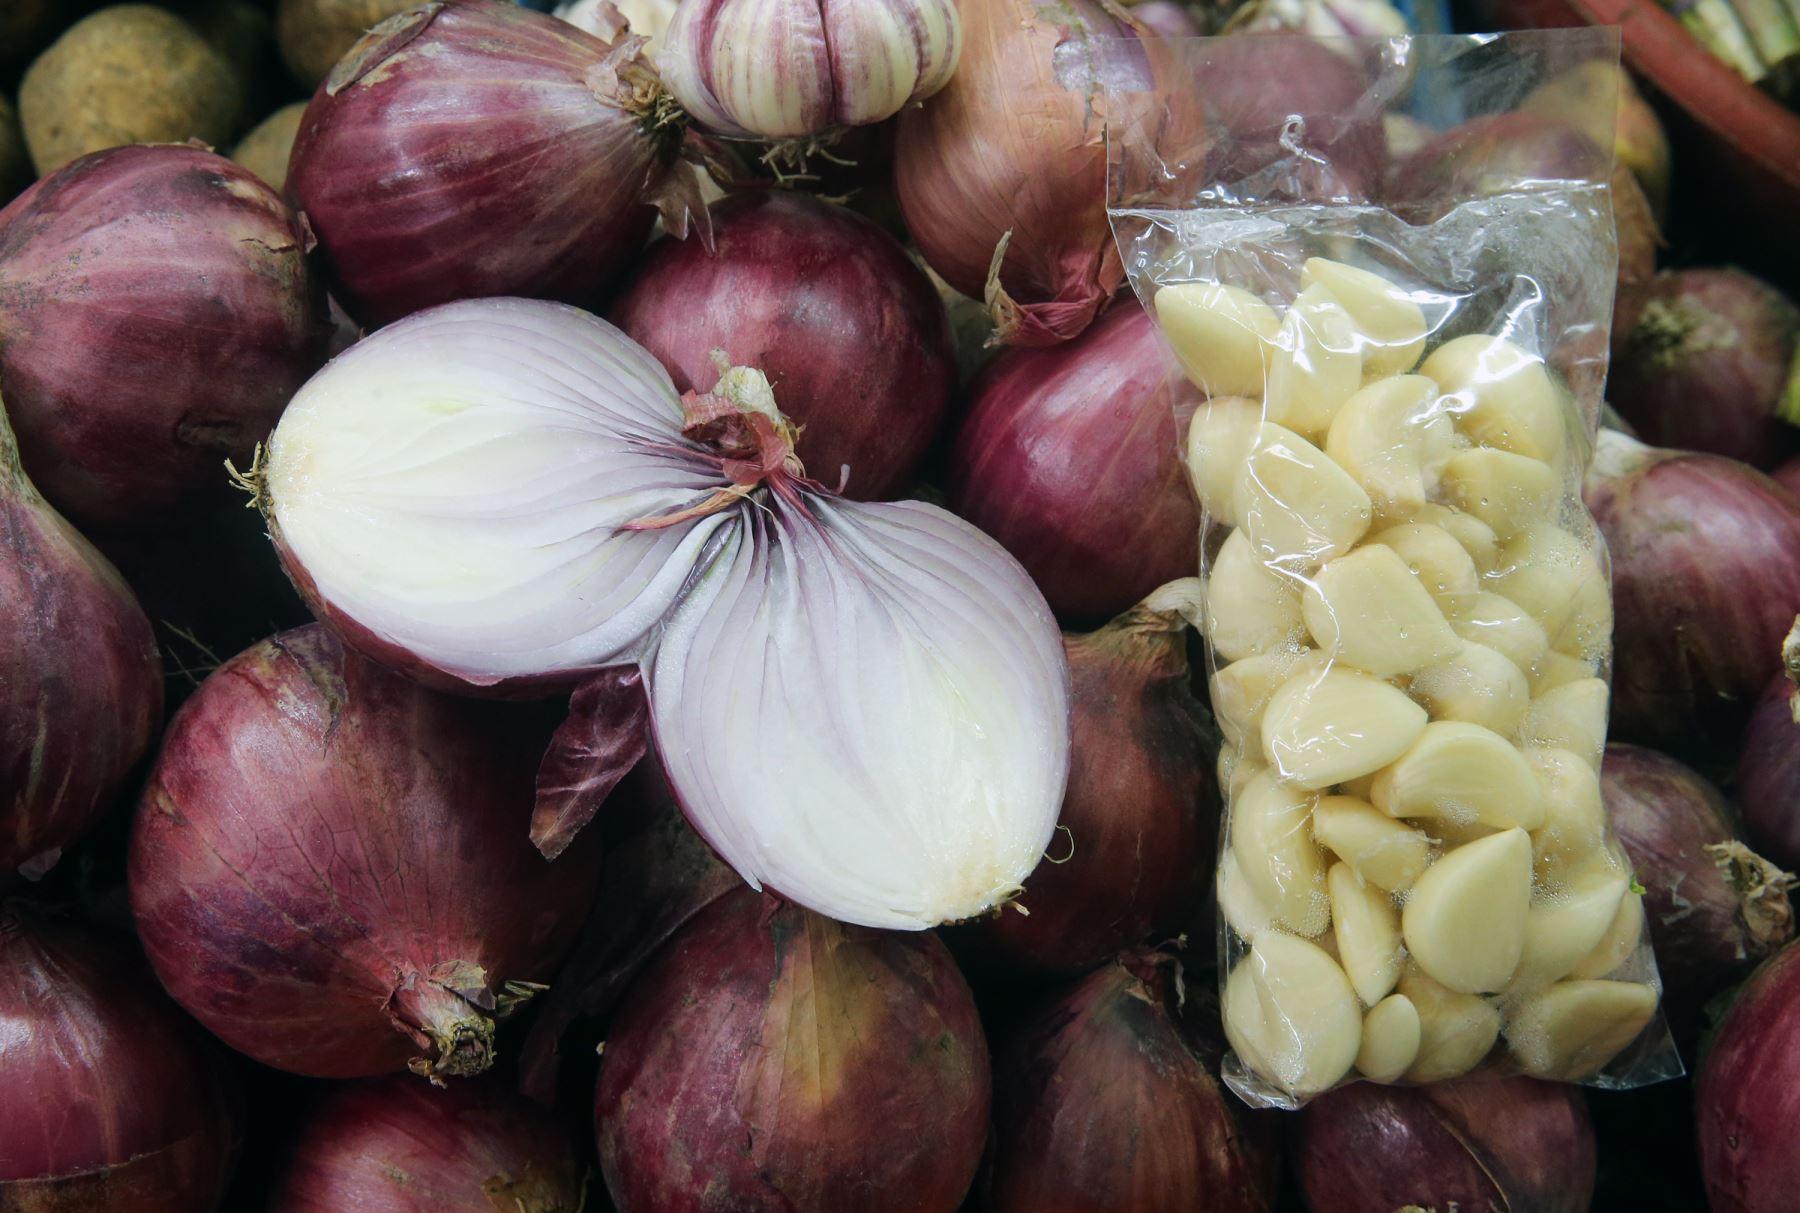 Cebolla es un tesoro medicinal y más aún con el ajo. Foto: ANDINA/Norman Córdova